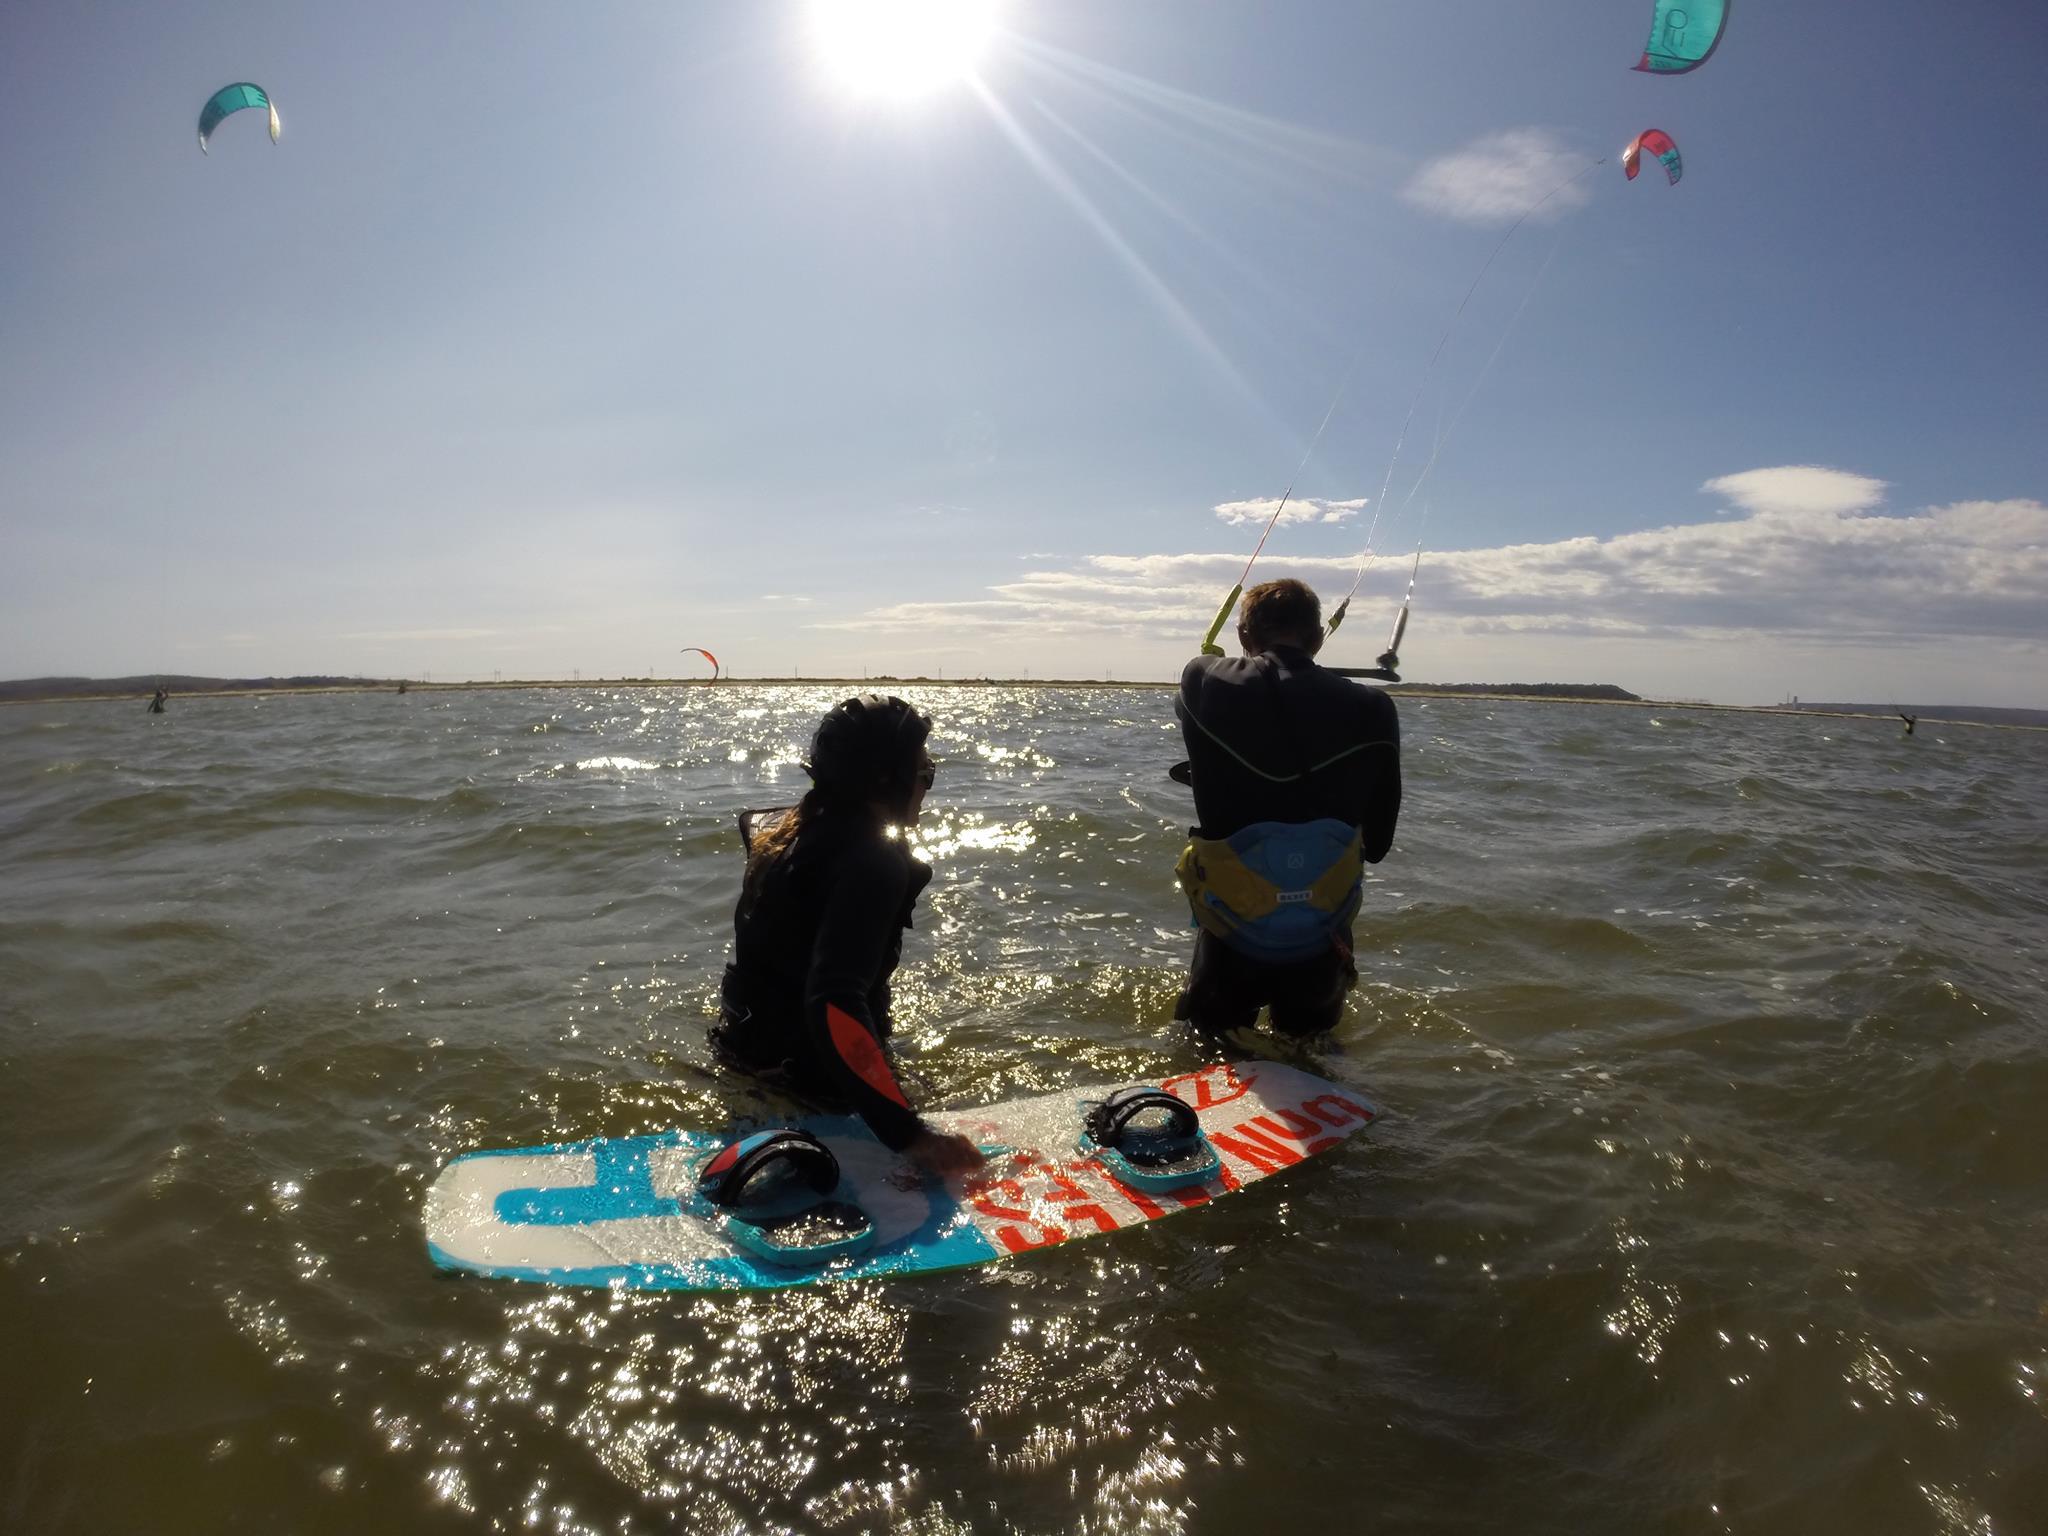 Activité nautique Narbonne: Kitesurf